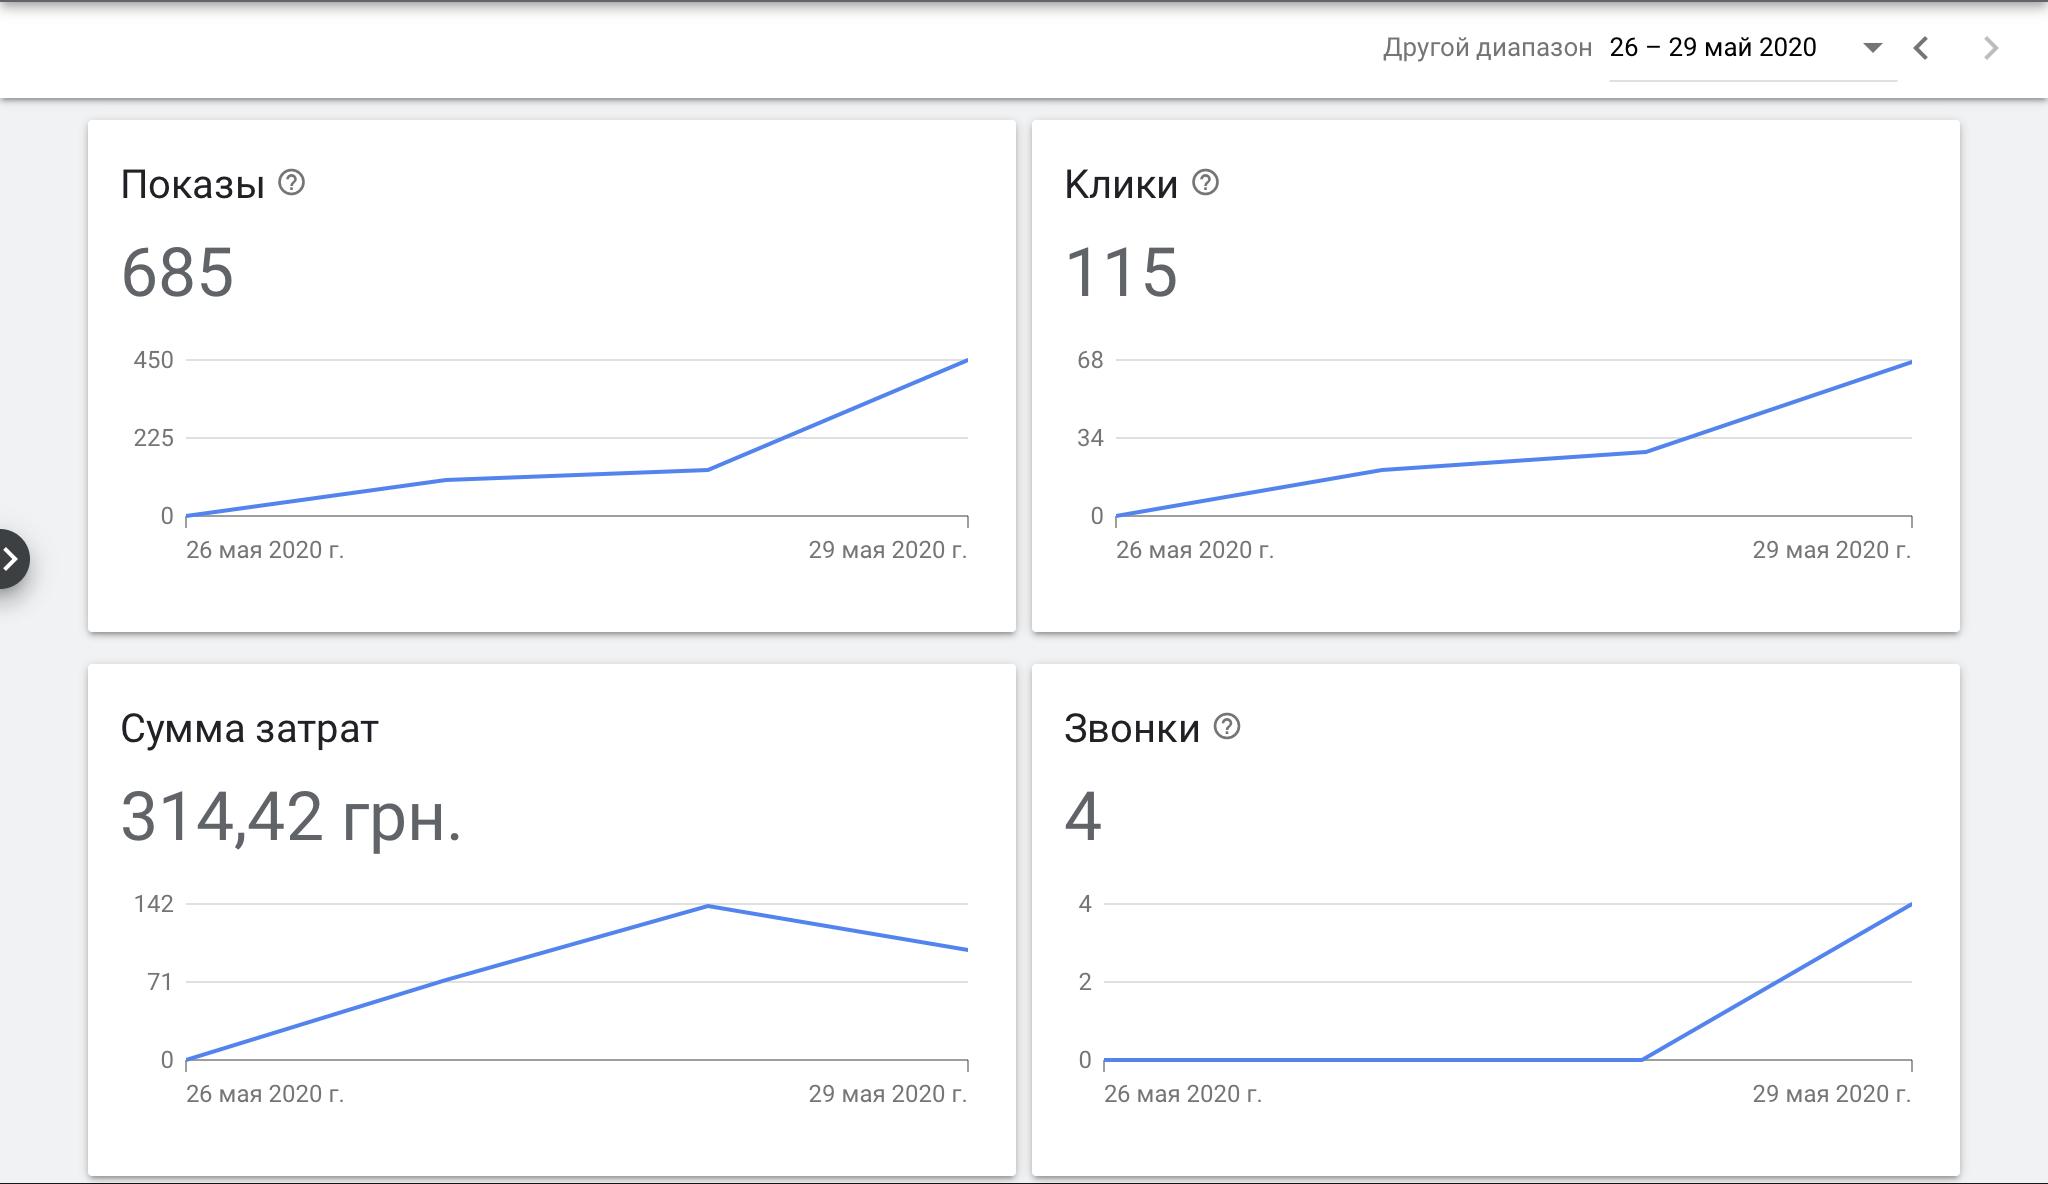 """Фото Настройка """"умных"""" кампаний в Google Adwords. Подключение тег менеджера, Google analytics, Google search console. Рекомендации по Seo оптимизации сайта. Разработка Seo текстов. Заполнение title, description."""